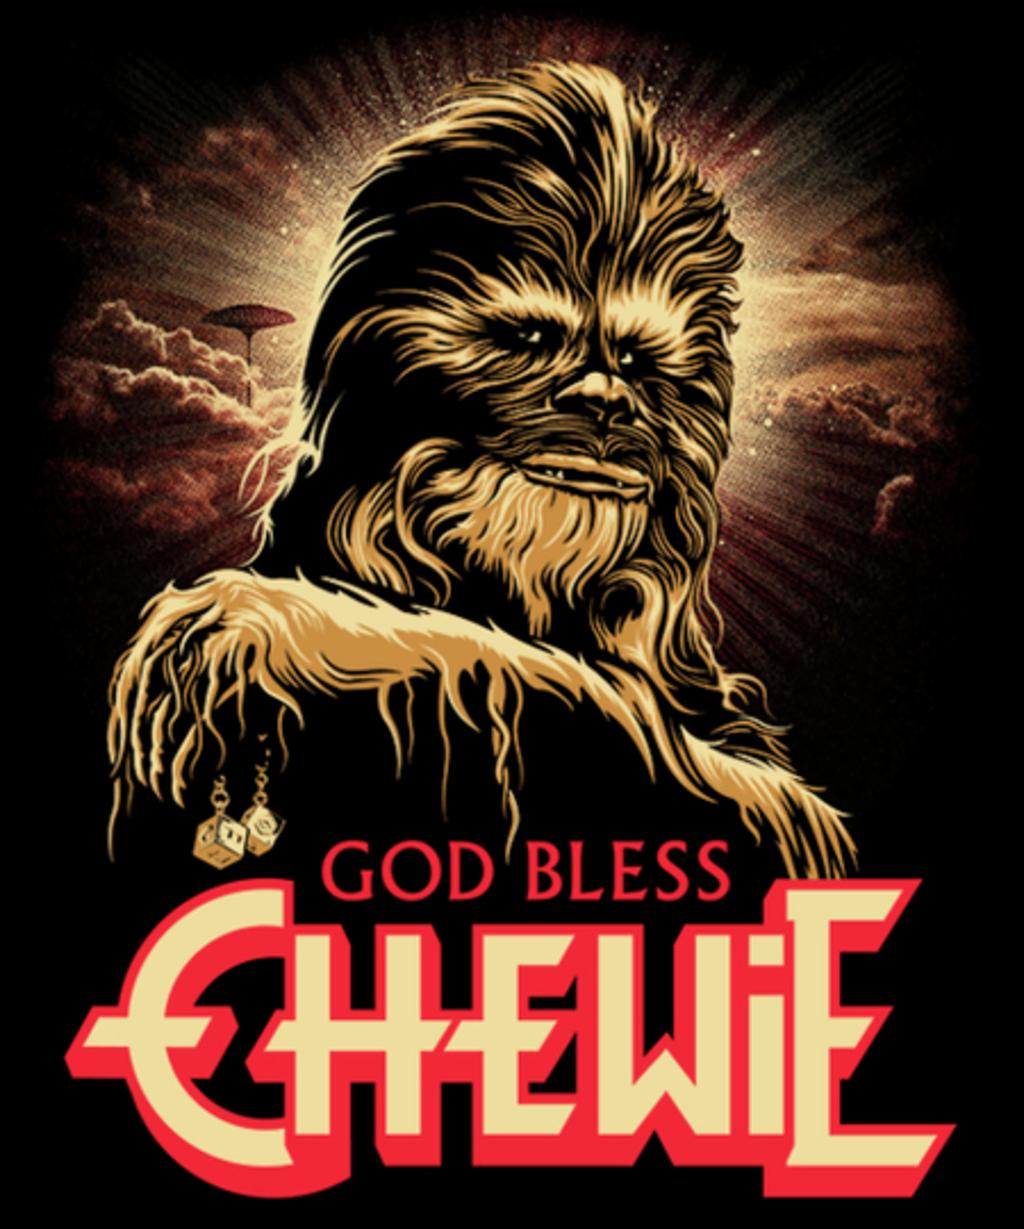 Qwertee: GOD BLESS CHEWIE